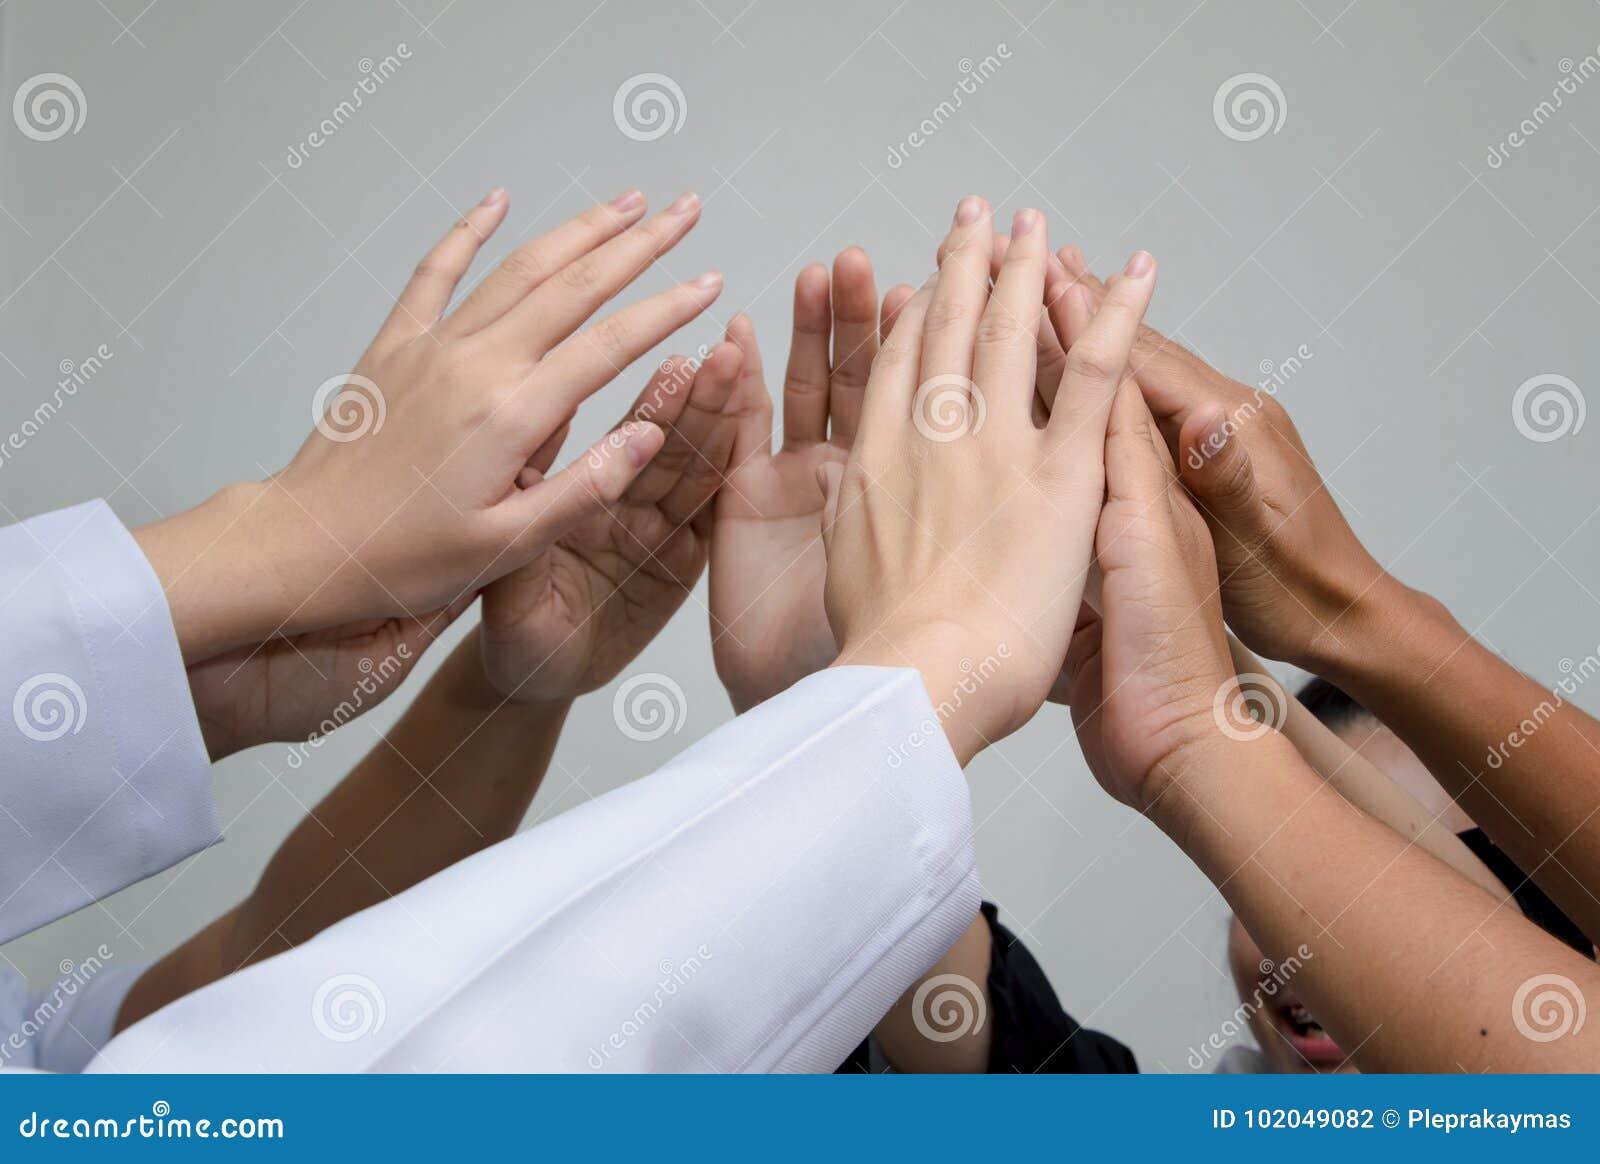 Doutores e enfermeiras em uma equipa médica que empilha as mãos